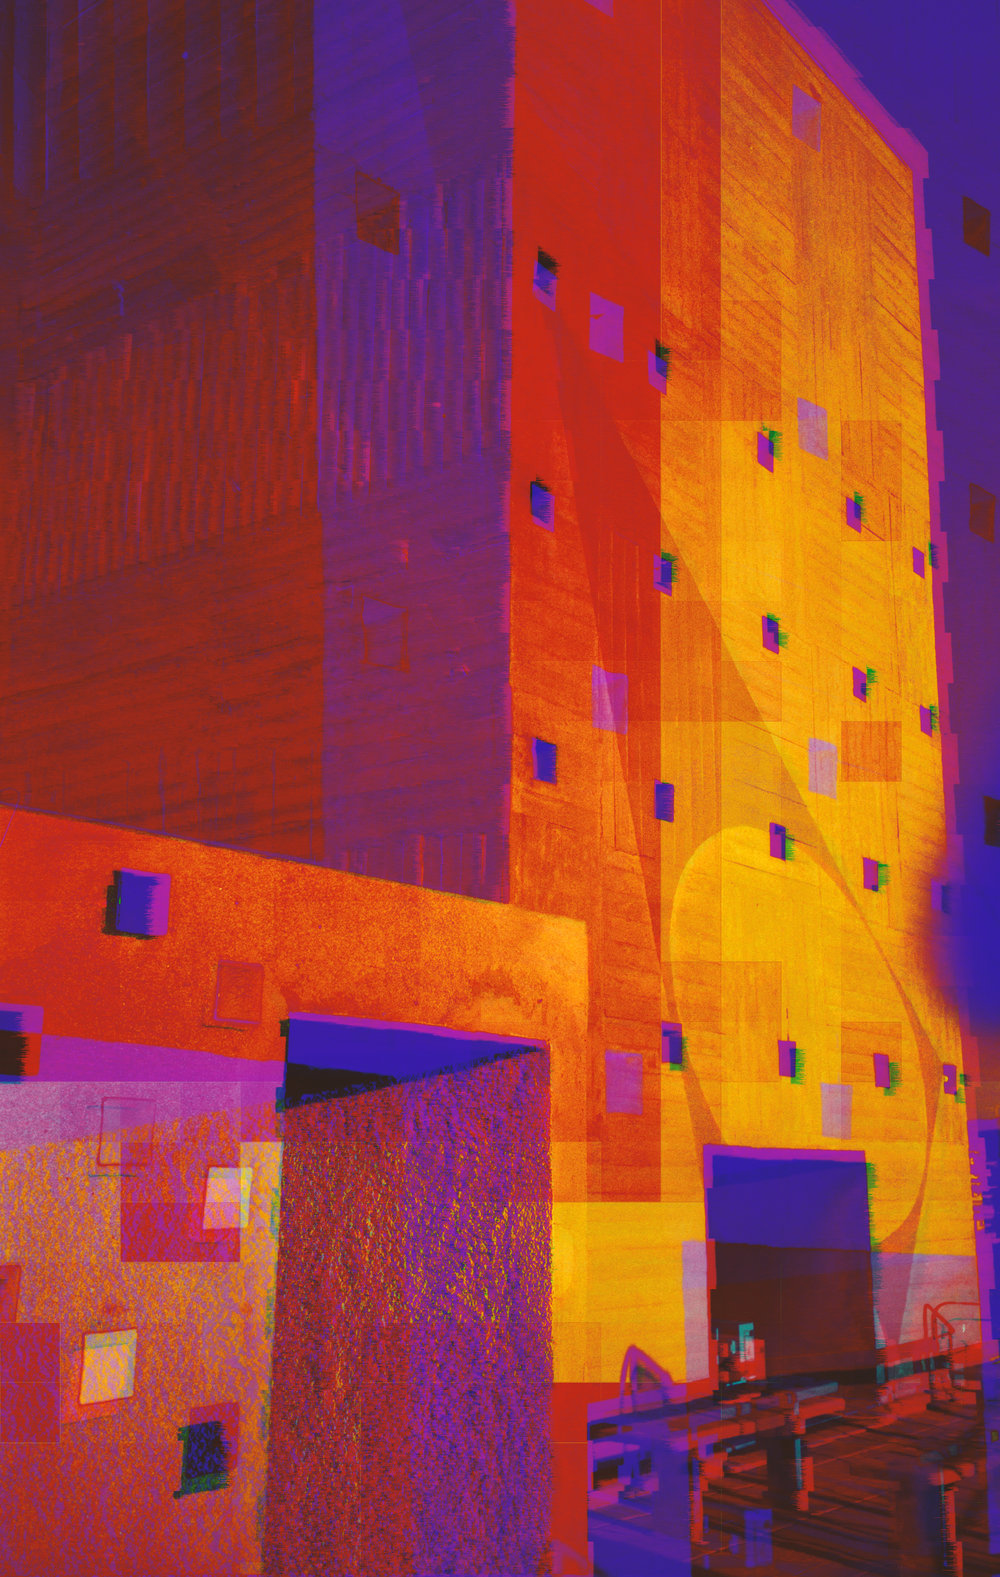 7491-032_eterna3dcolorlookup.jpg